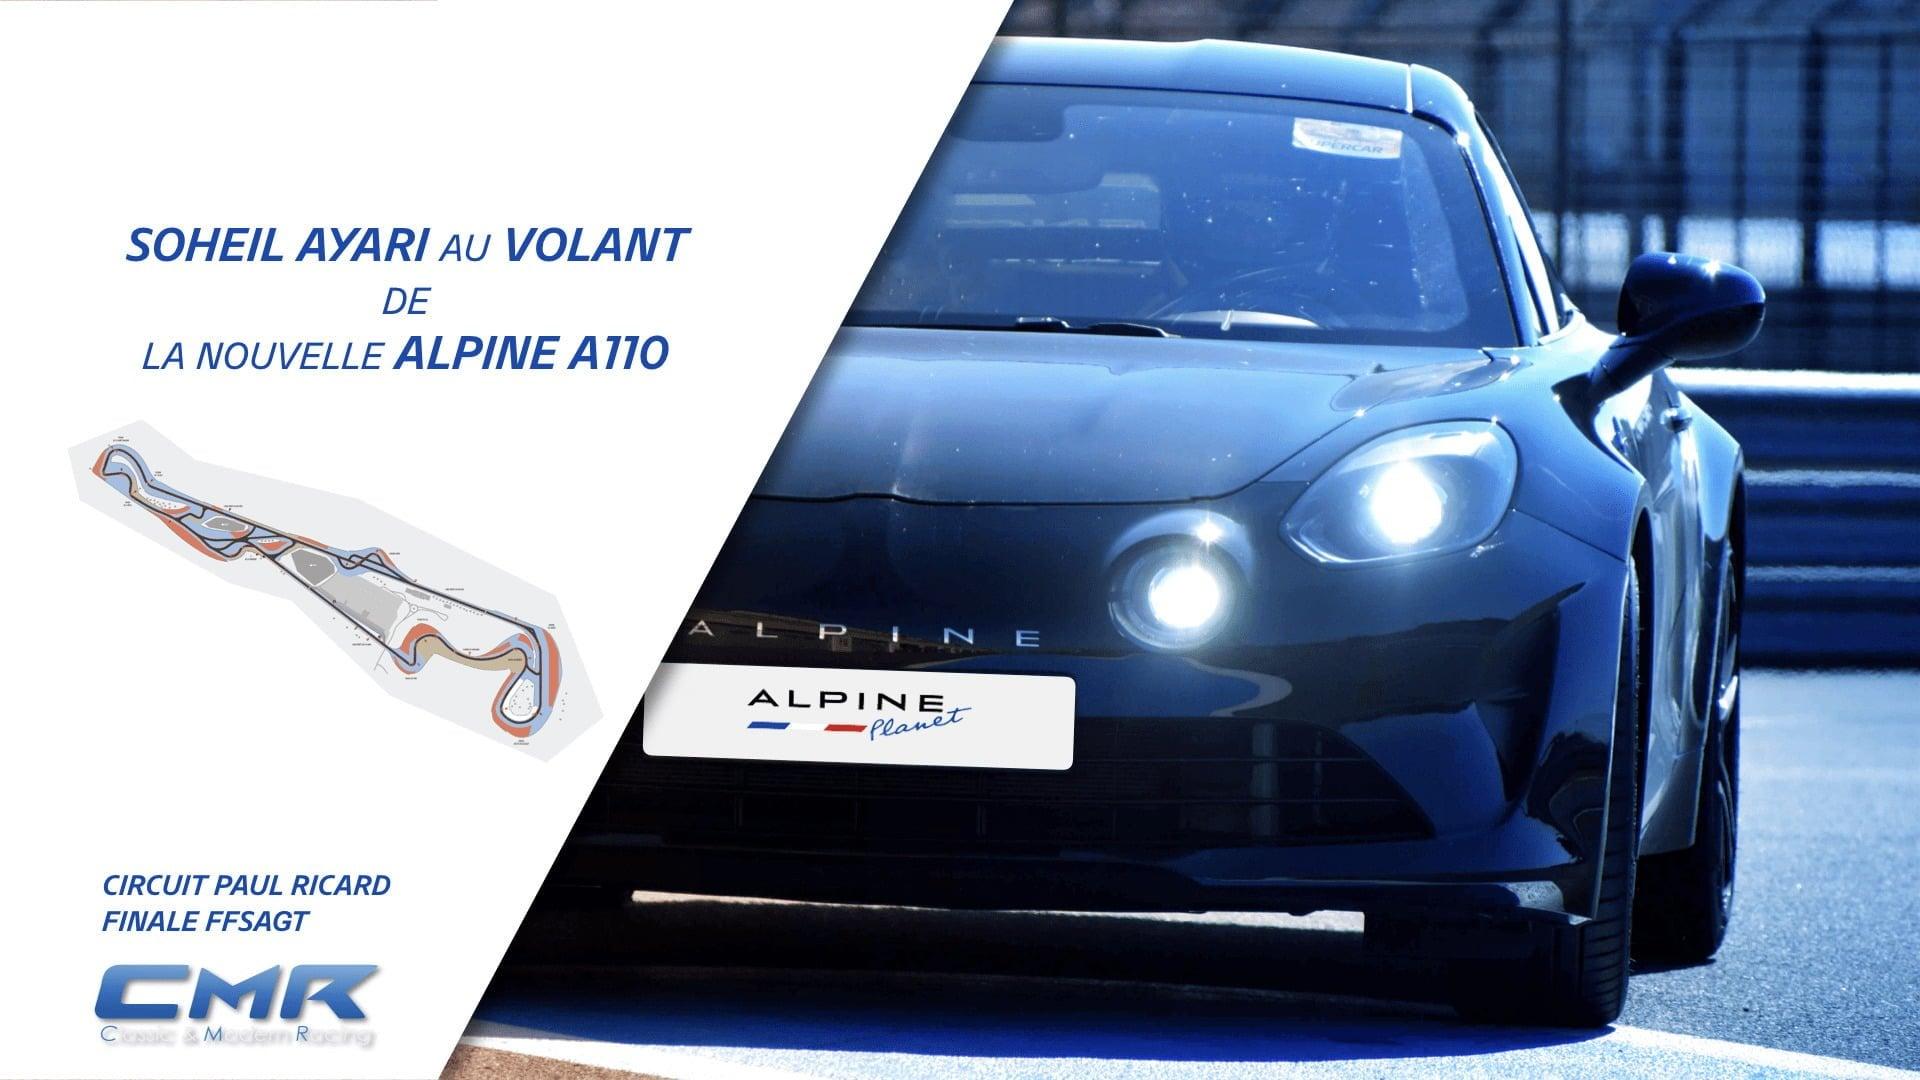 Un tour embarqué en Alpine A110 avec Soheil Ayari sur le circuit du Paul Ricard [4K]